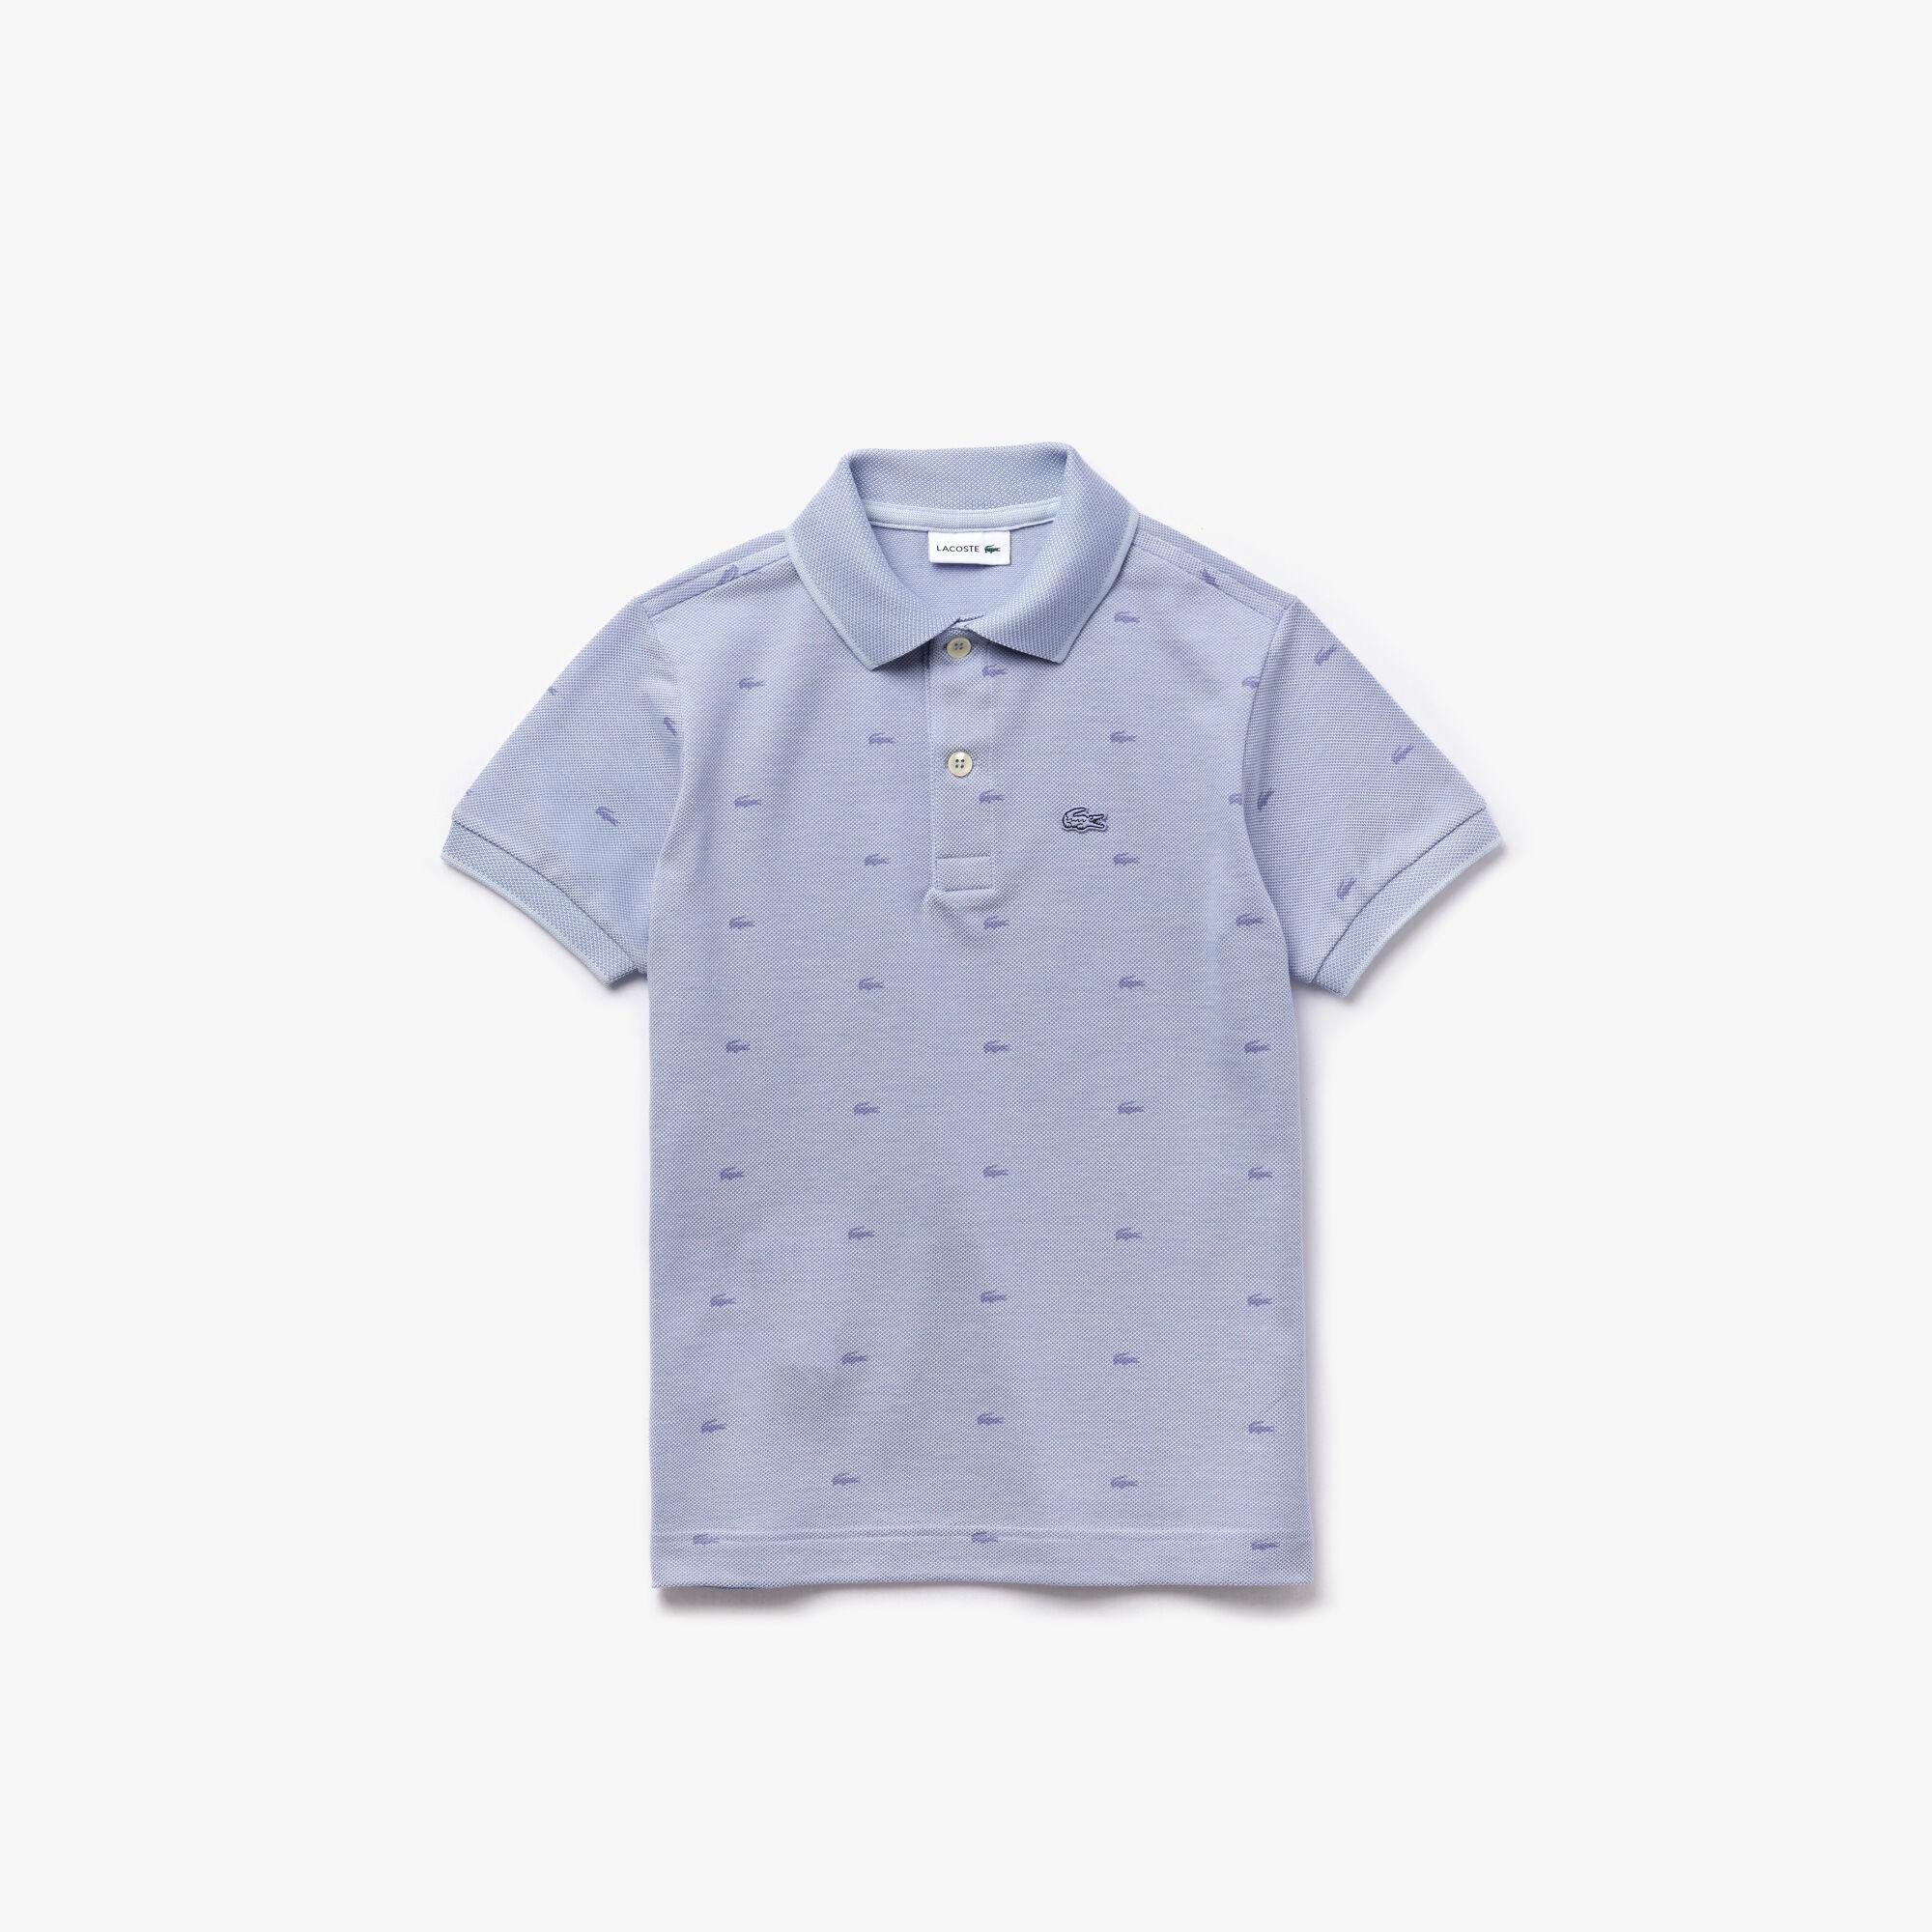 قميص بولو بطبعة Lacoste للصبيان